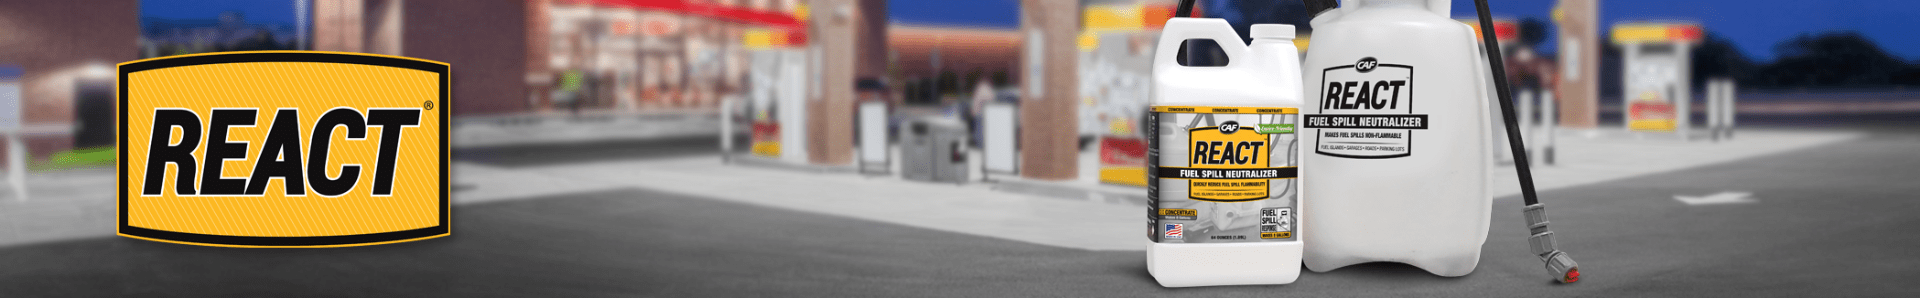 react fuel spill neutralizer